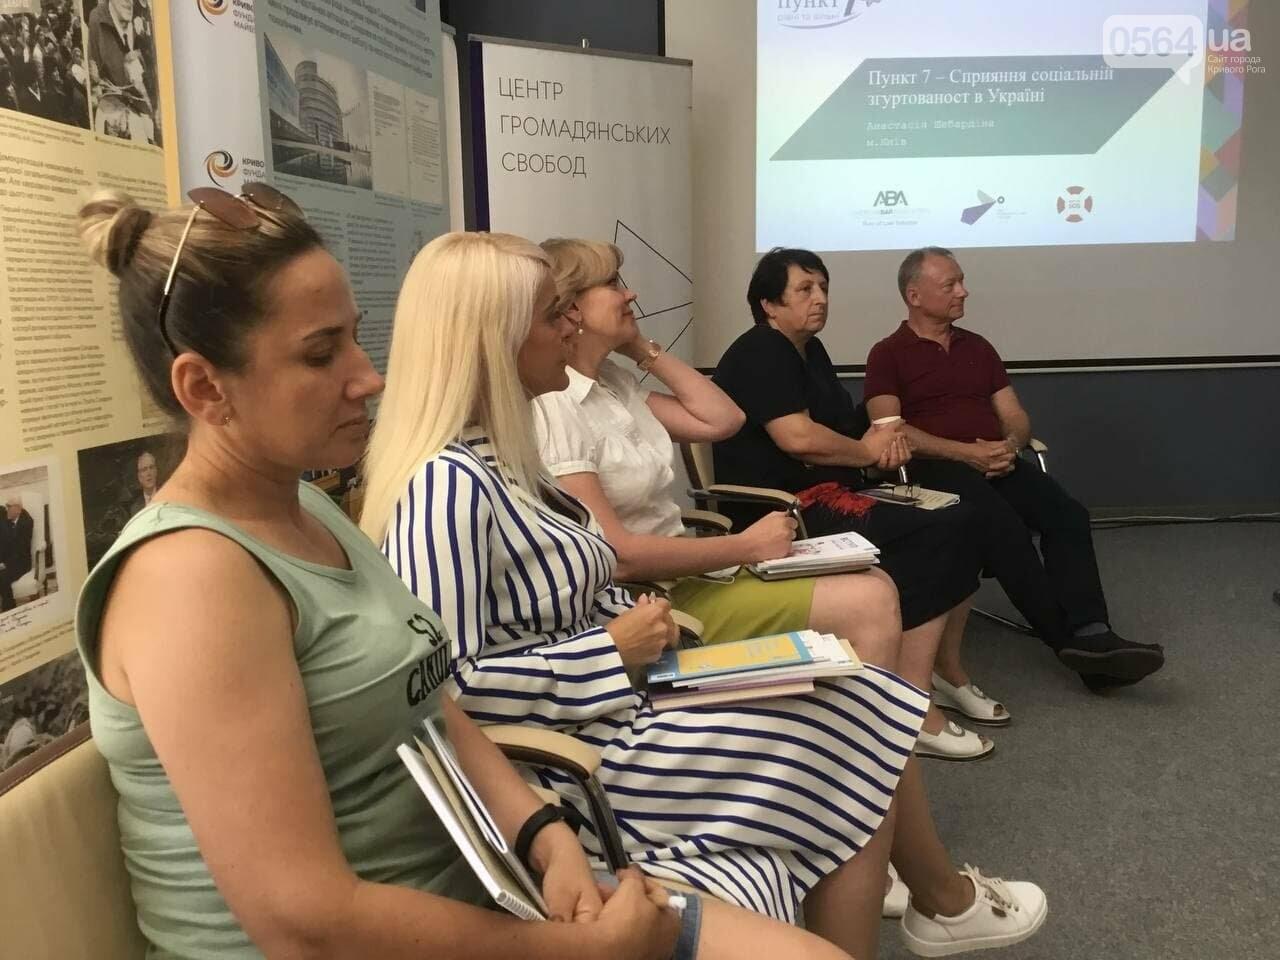 Правовой Weekend в Кривом Роге: правозащитники обсудили проблемы социальной сплочённости, - ФОТО, ВИДЕО, фото-2